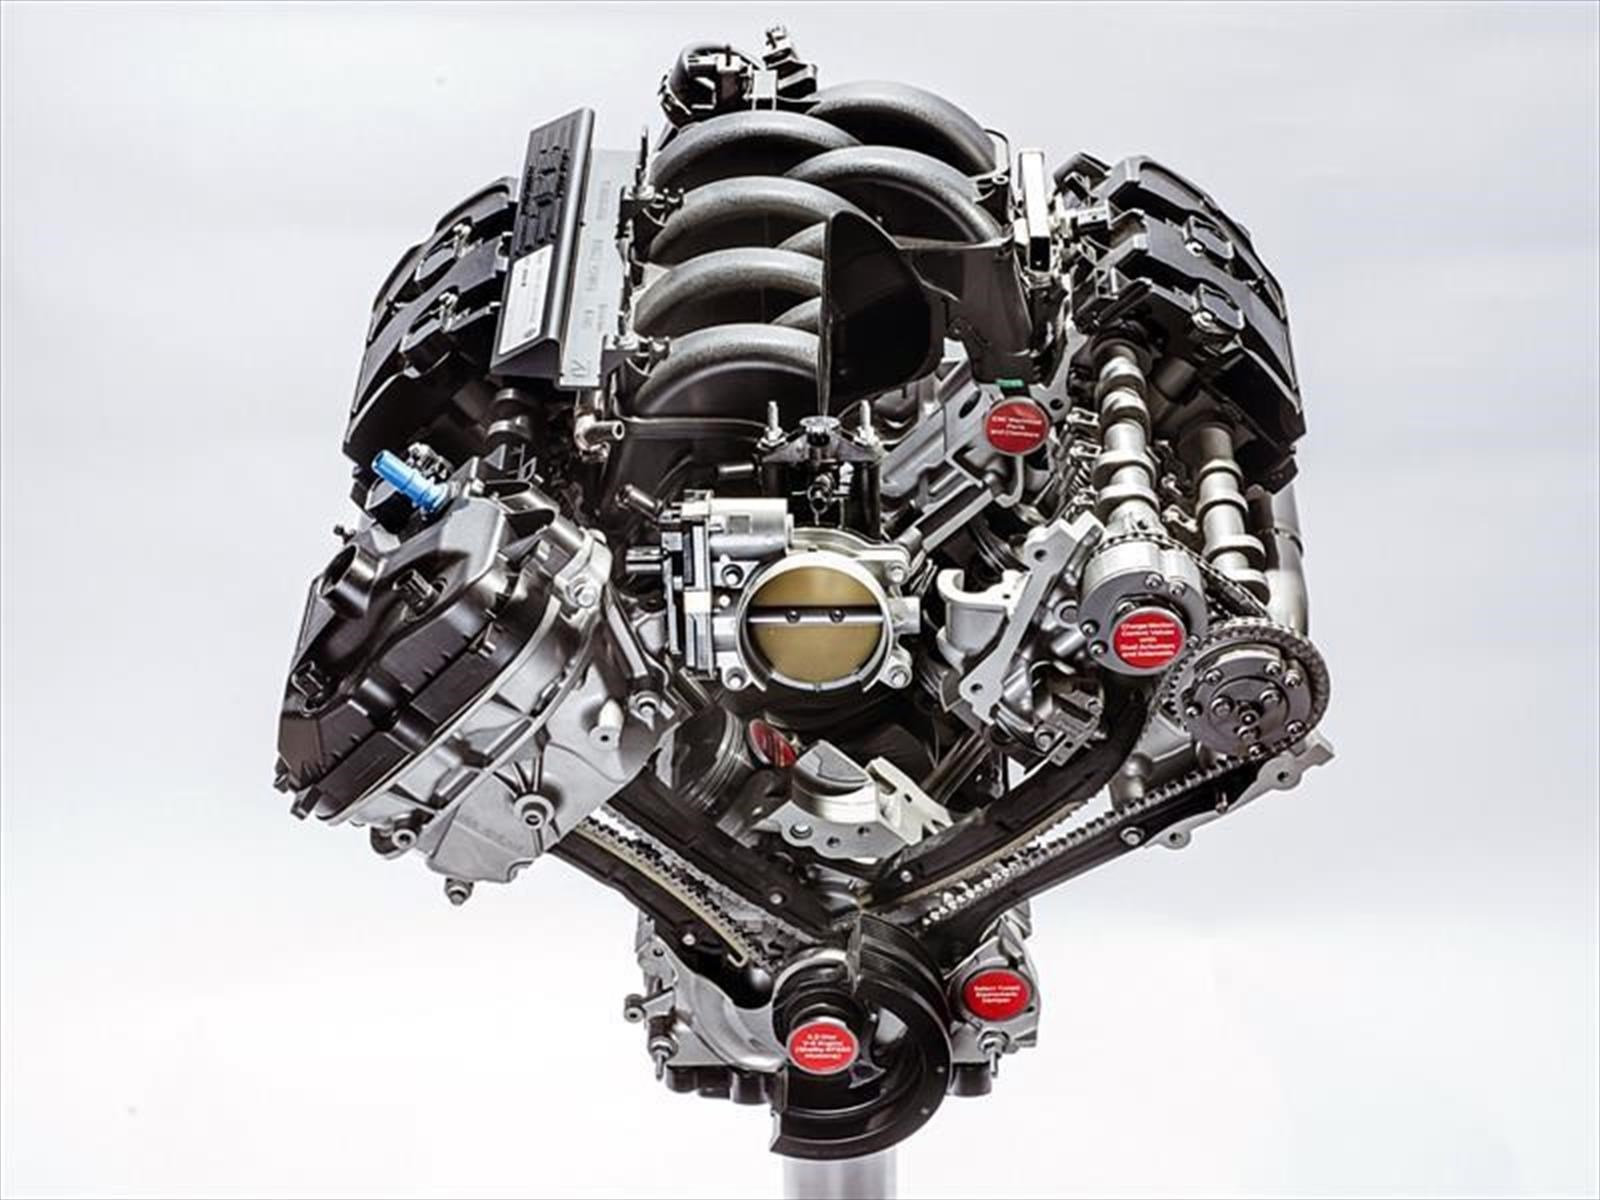 Los mejores 10 motores de 2018 según WardsAuto